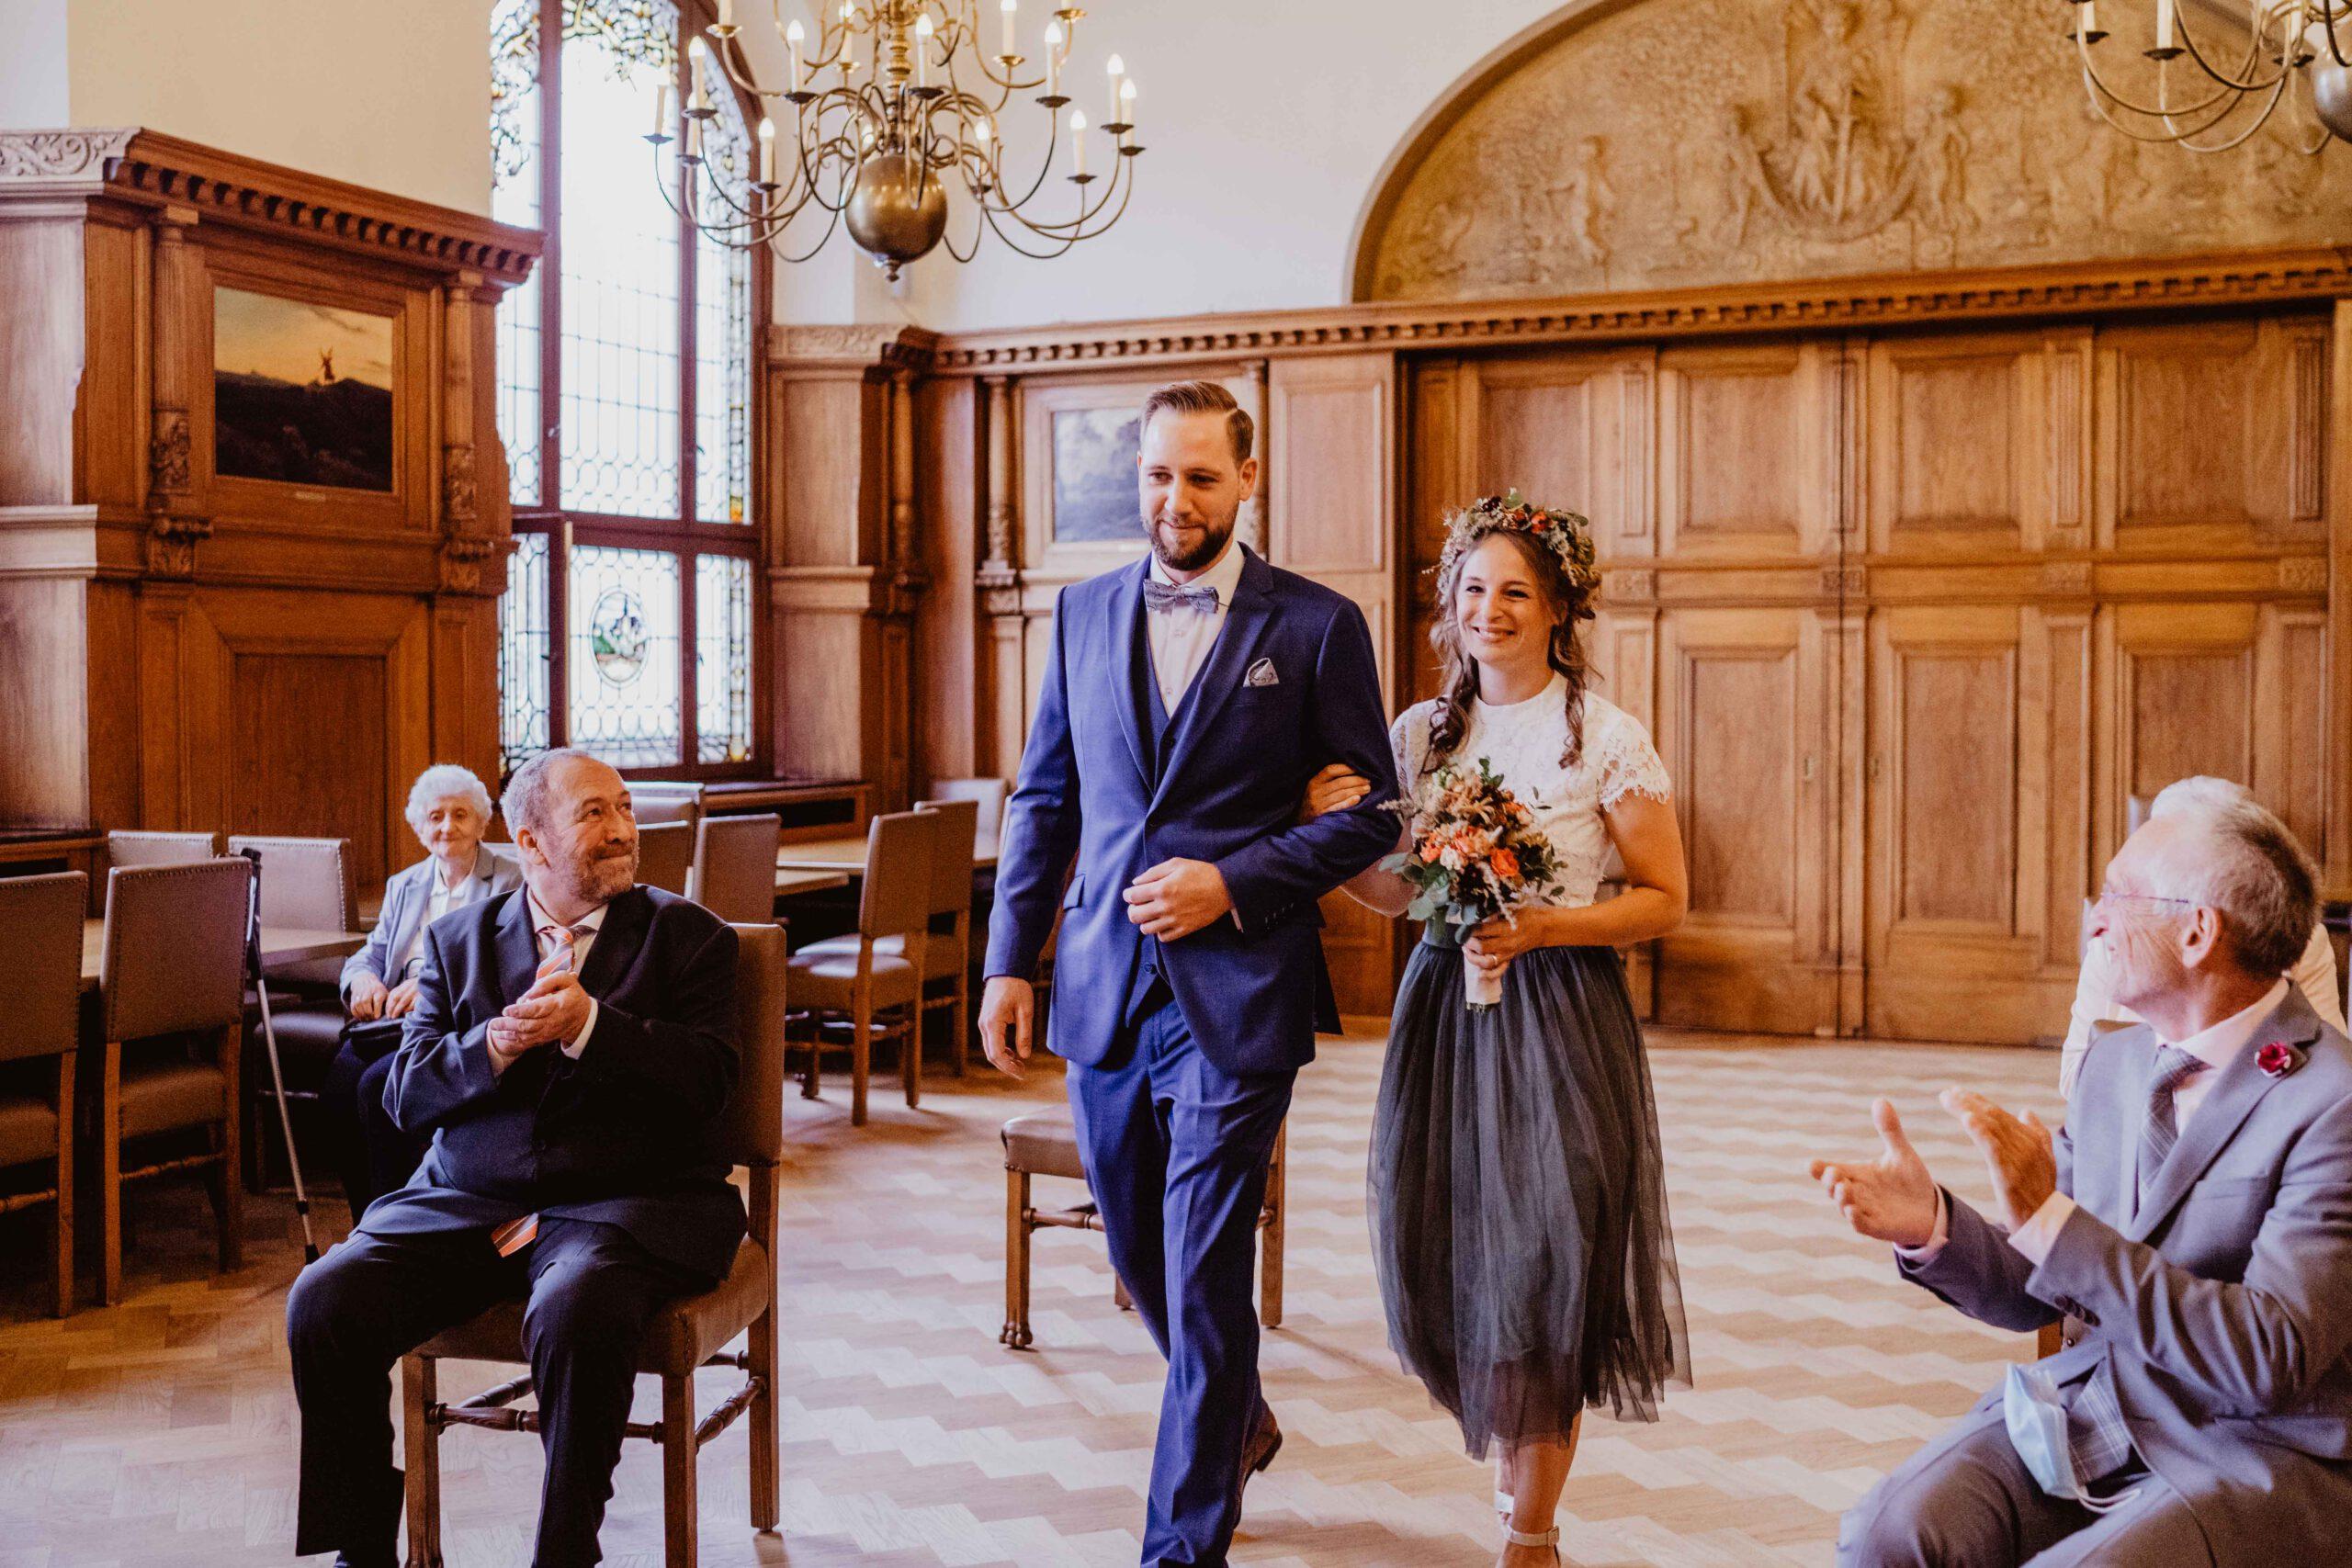 Hochzeit_BergischGladbach_L&E_2